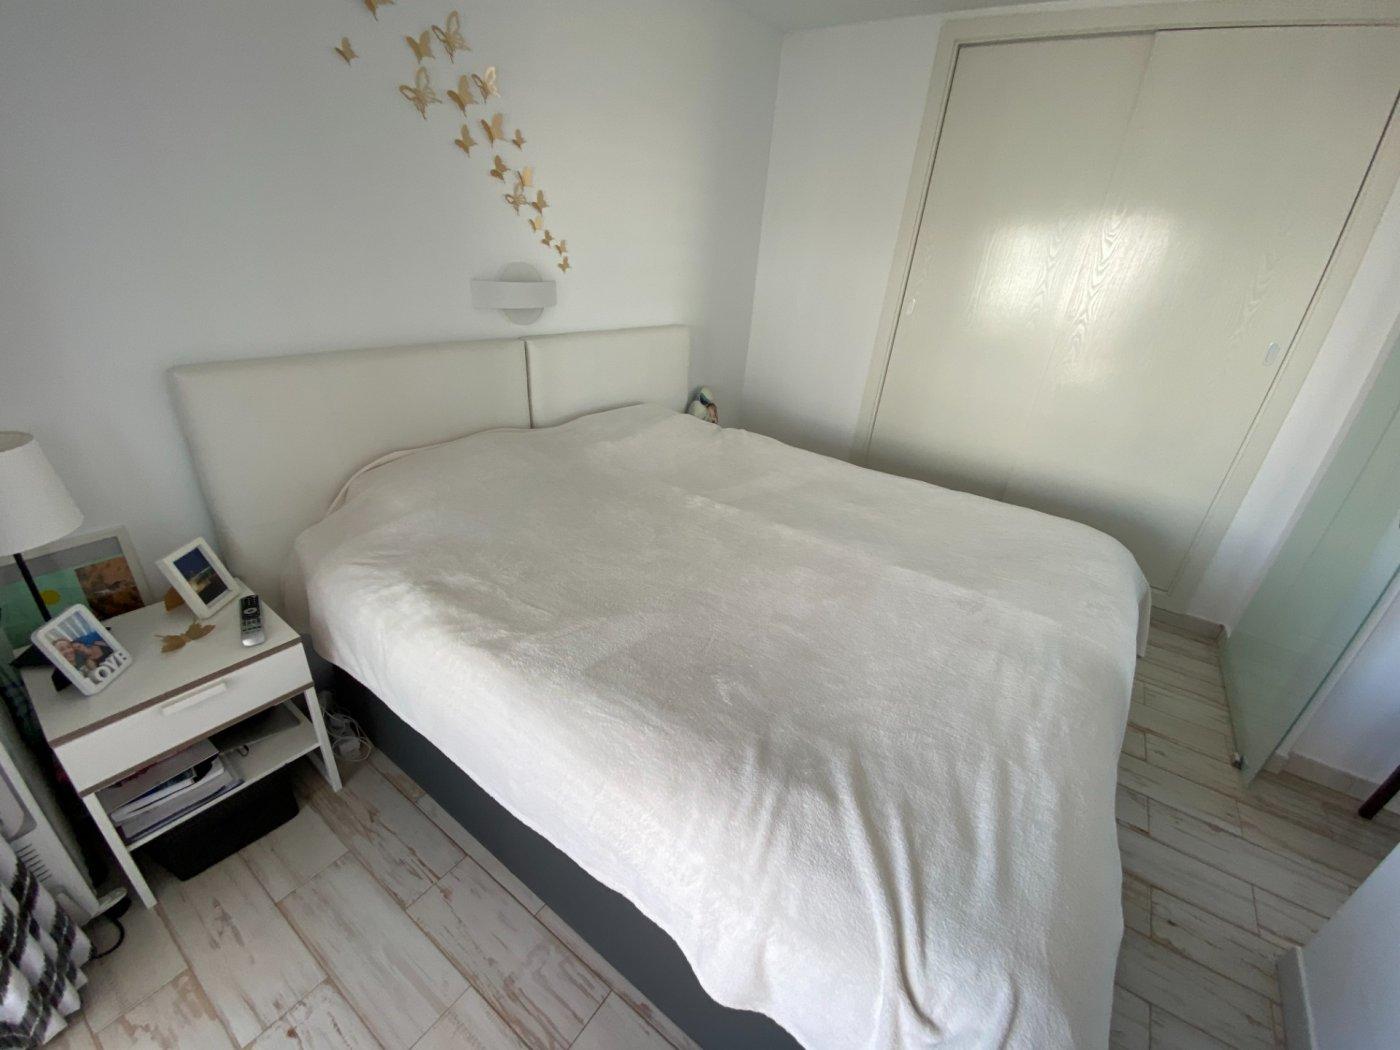 Alquiler con opcion de compra!espectacular apartamento con vistas al mar y parking propio - imagenInmueble17